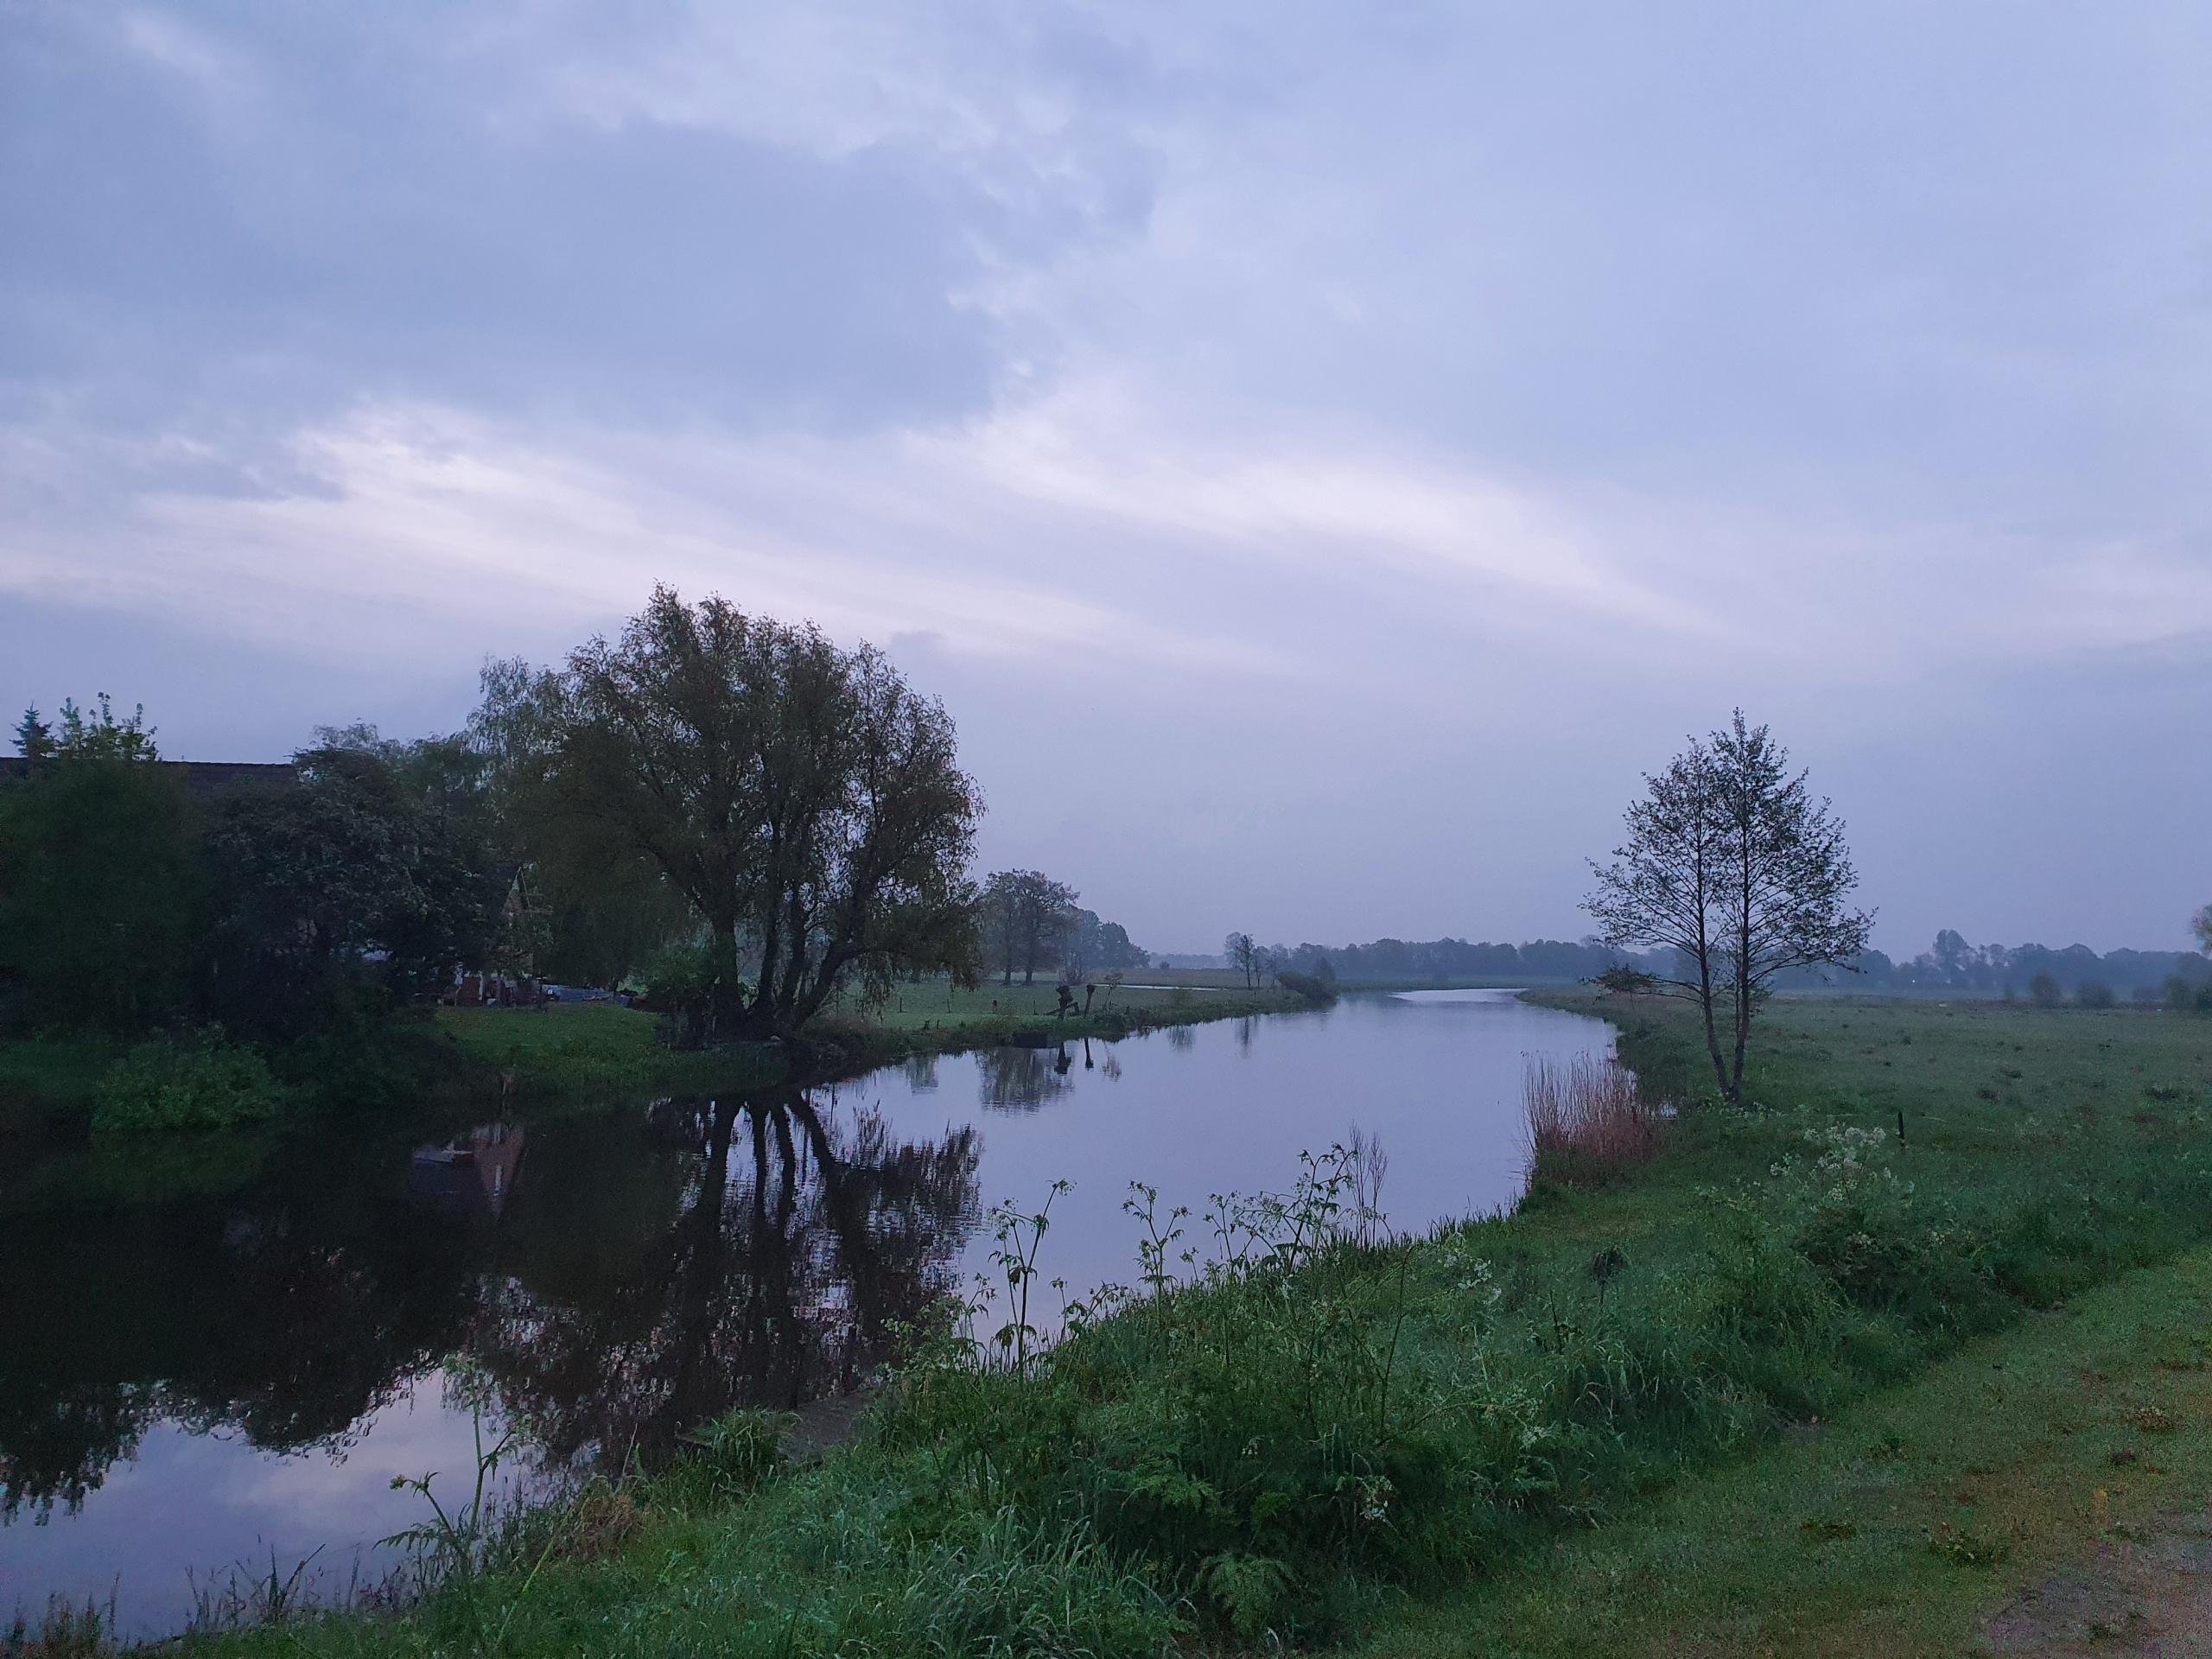 De Overijsselse Vecht bij het eerste bleke daglicht, Gramsbergen, woensdagochtend 12 mei